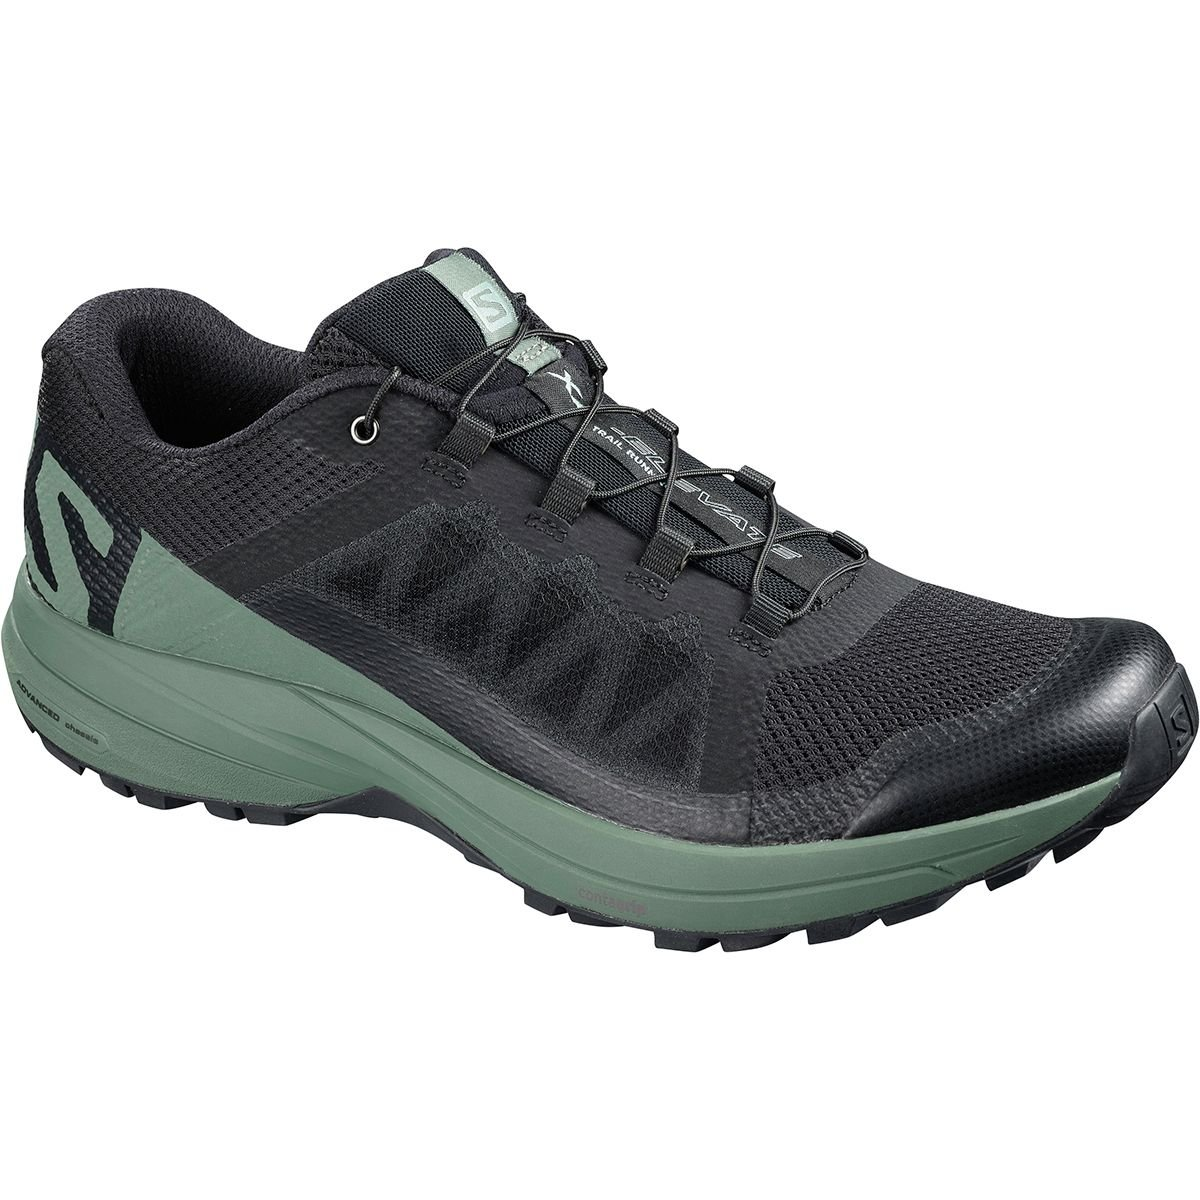 【正規取扱店】 [サロモン] メンズ US-9.5/UK-9.0 ランニング [サロモン] メンズ XA Elevate Trail Running Shoe [並行輸入品] B07FNCV7JK US-9.5/UK-9.0, ソノベチョウ:976ead75 --- pathlab.officeporto.com